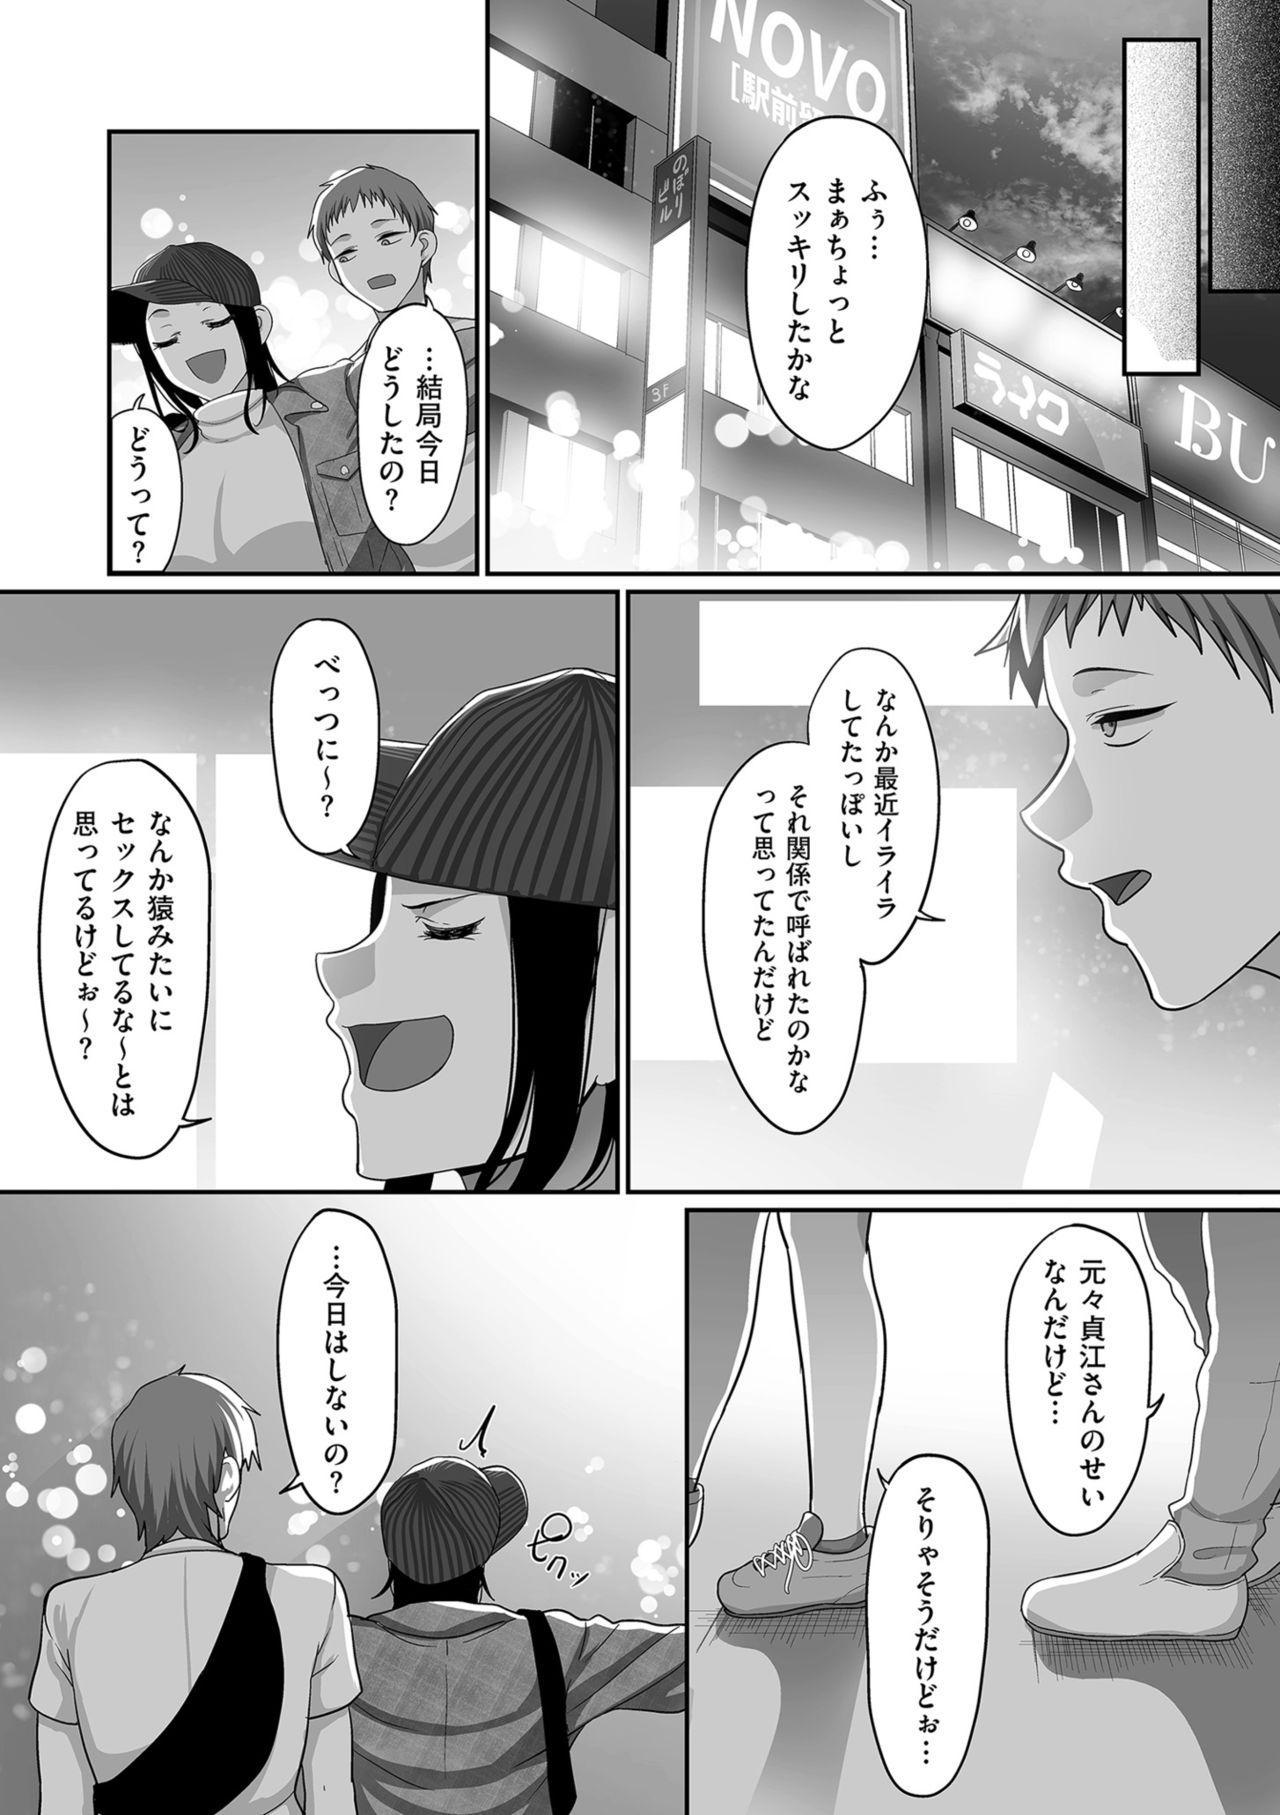 [Yamamoto Zenzen] S-ken K-shi Shakaijin Joshi Volleyball Circle no Jijou [Digital] 164